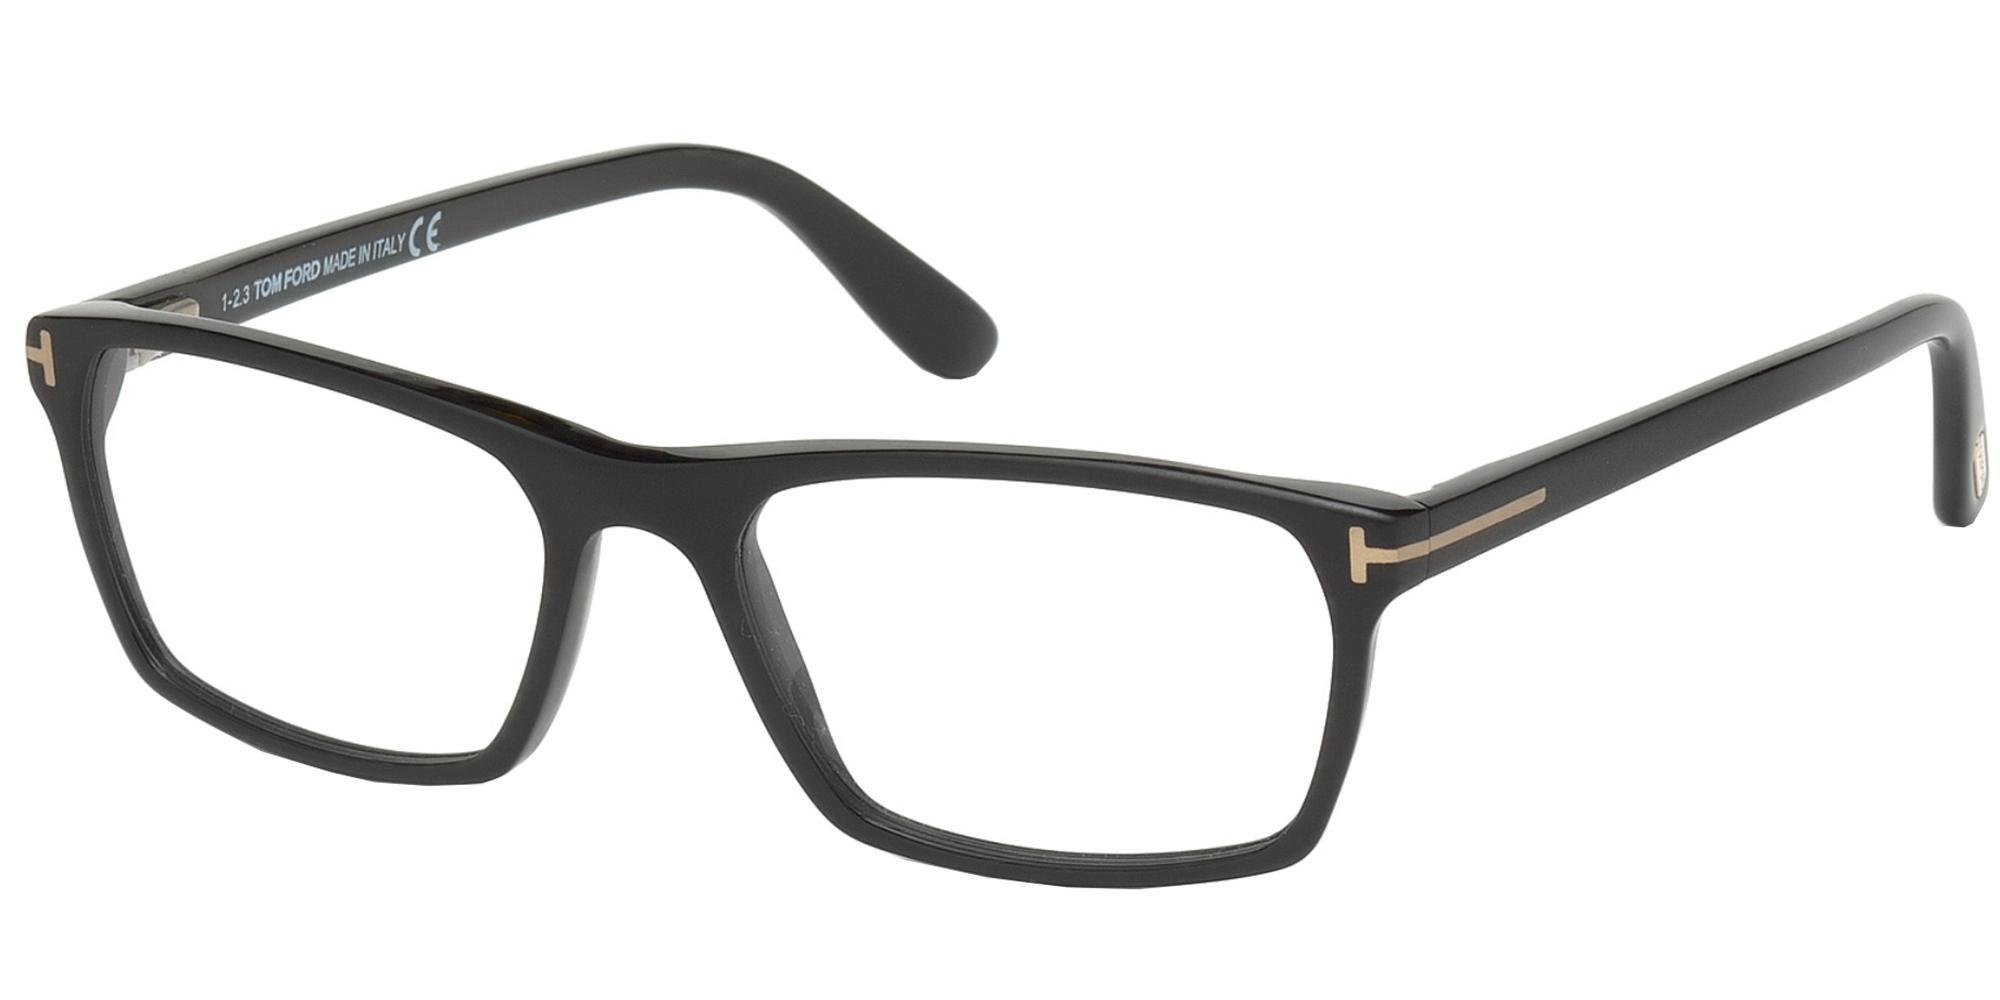 Eyeglasses Tom Ford FT 5497 002 matte black